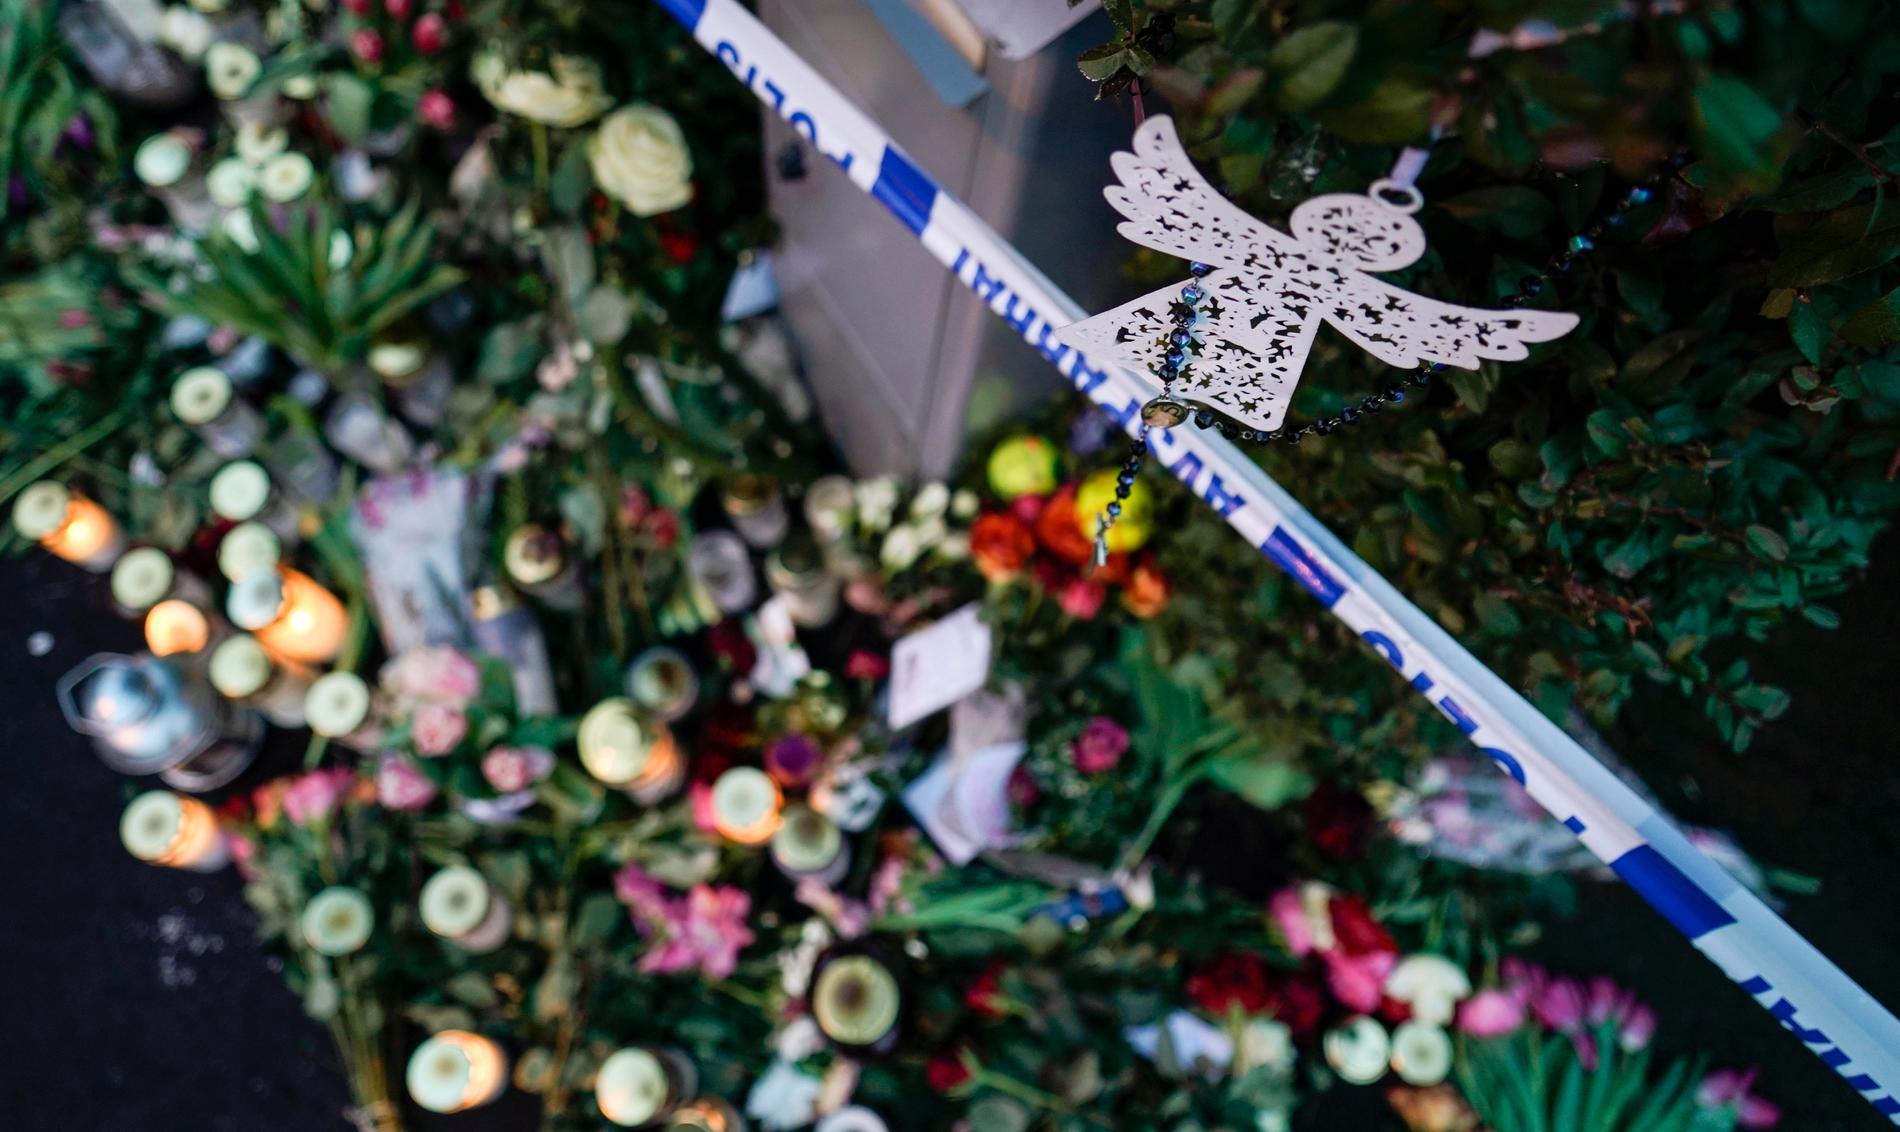 Blommor och ljus utanför villan i Bjärred där fyra familjemedlemmar hittades döda i början av året. Arkivbild.